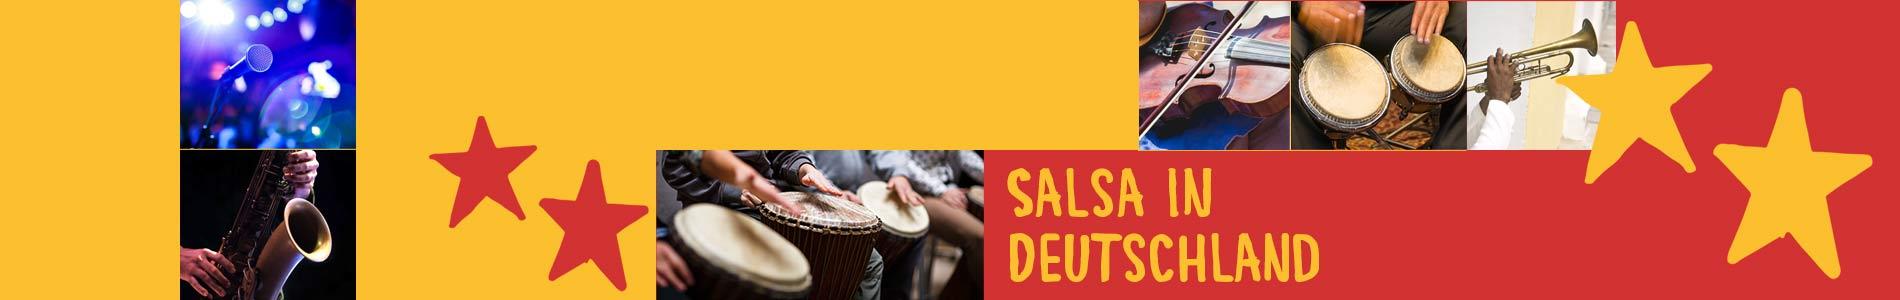 Salsa in Brunn – Salsa lernen und tanzen, Tanzkurse, Partys, Veranstaltungen